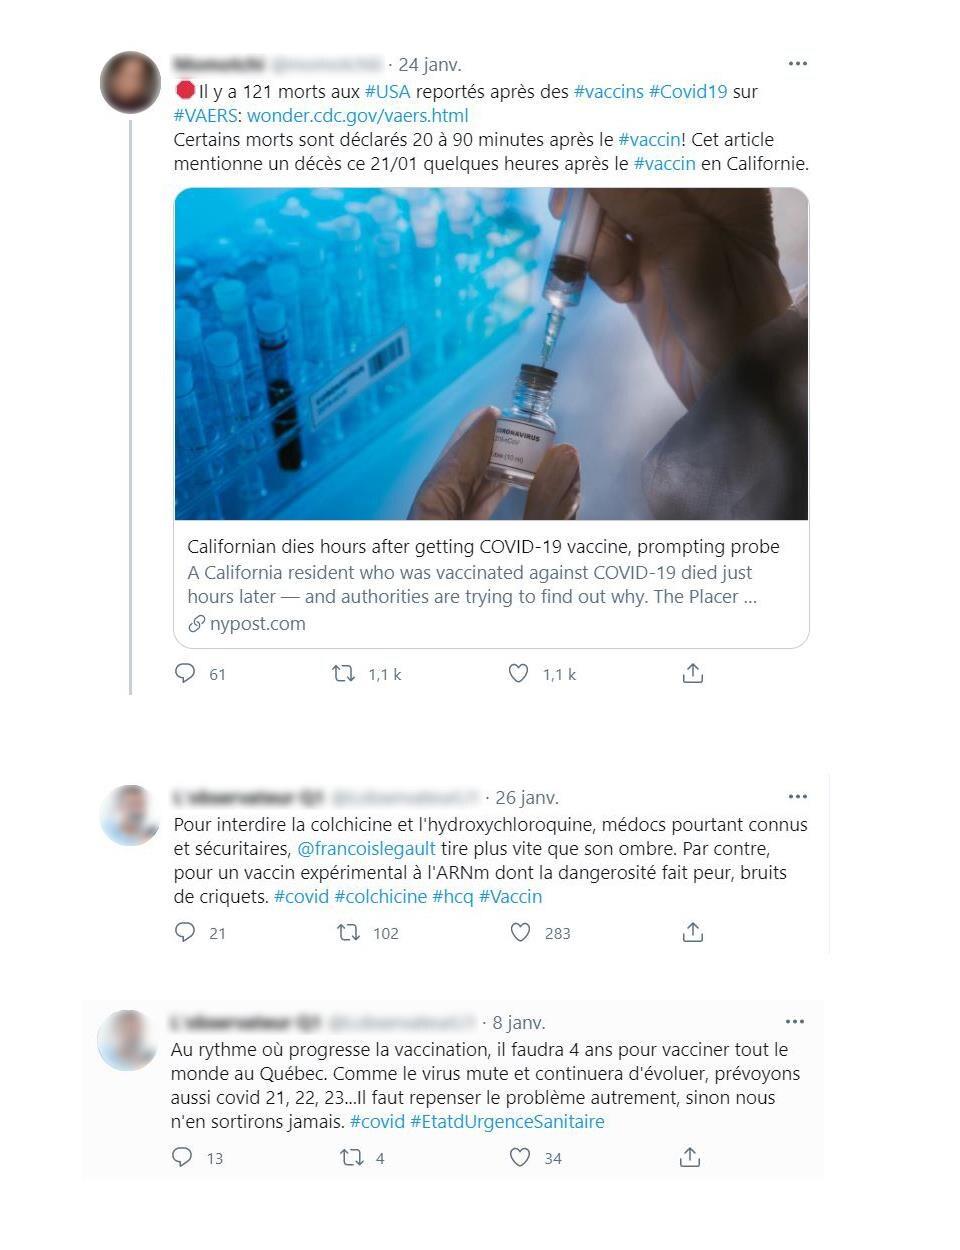 Montage de captures d'écran de publications Twitter.